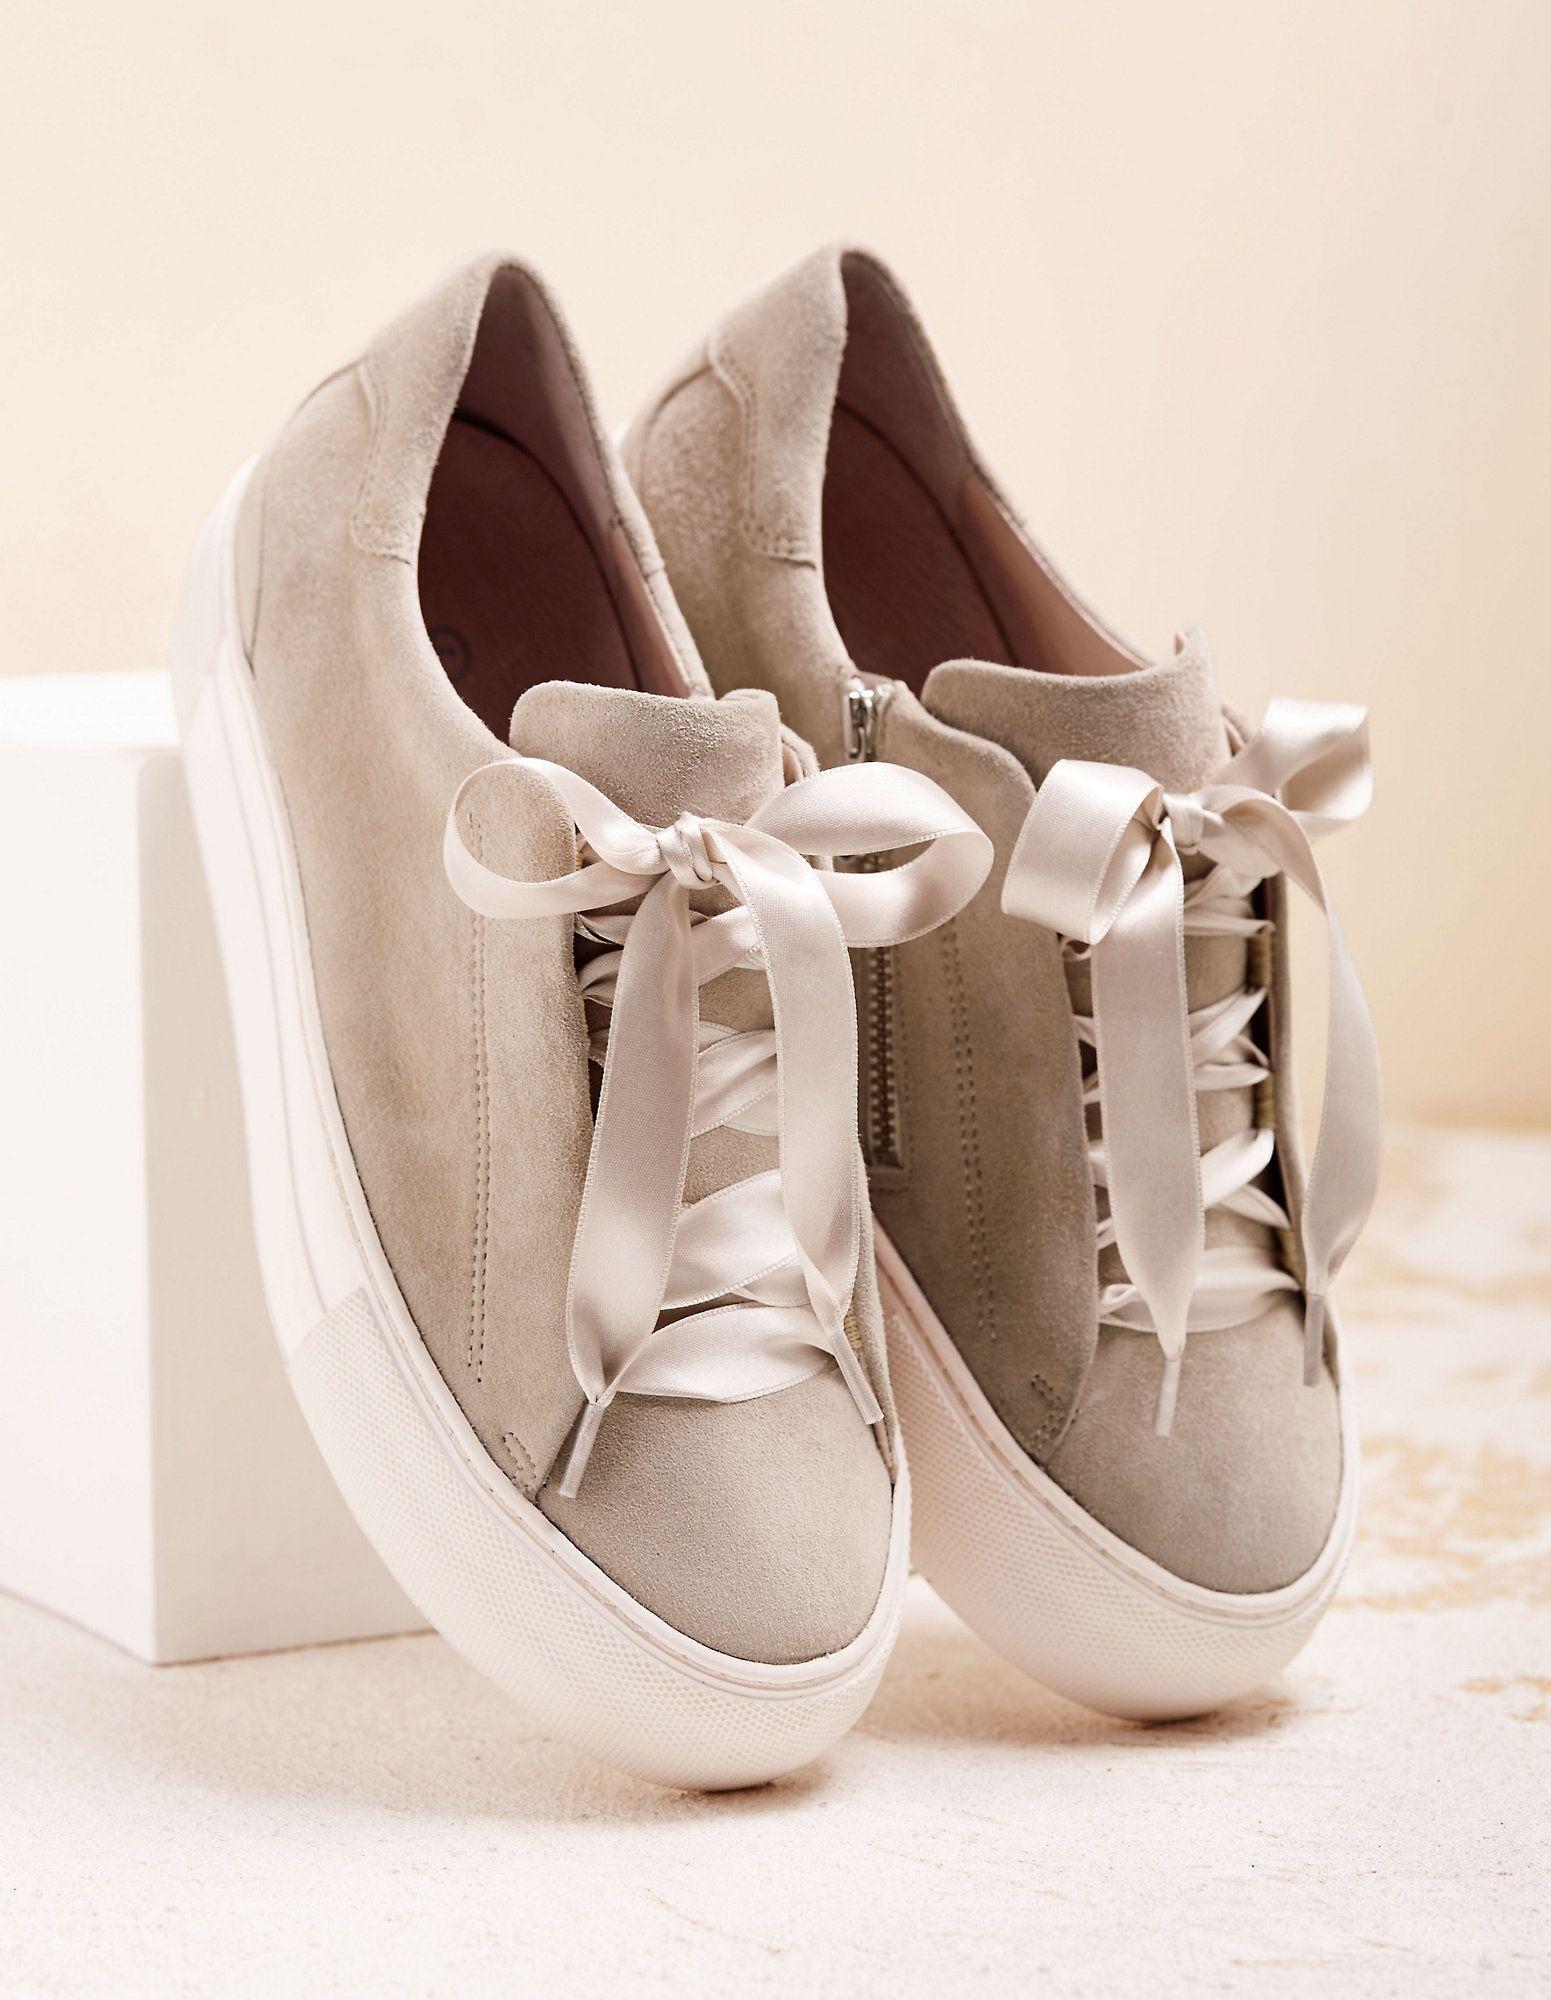 Deerberg Sneaker Romney | Damenschuhe sneaker, Sneaker